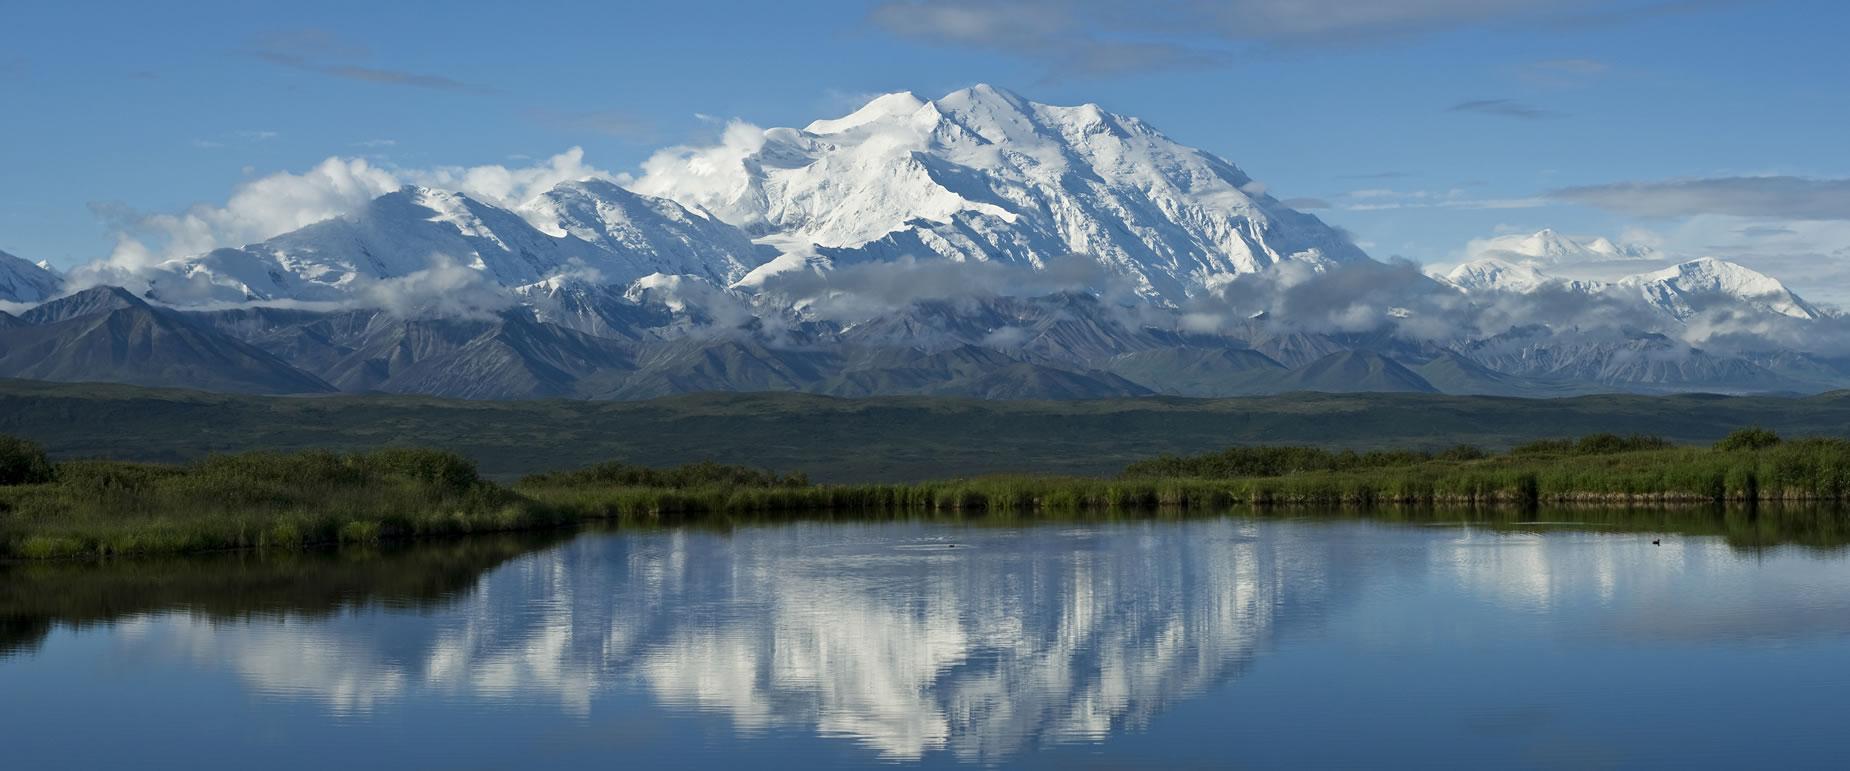 Family Tours To Alaska